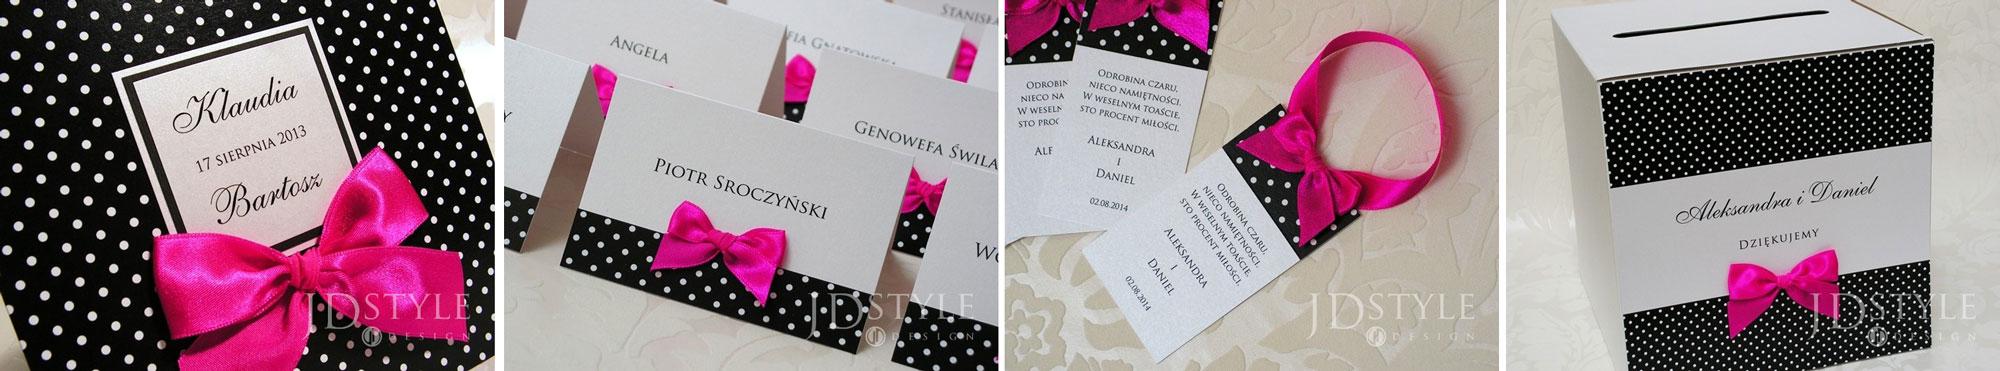 zaproszenia ślubne w kolorze fuksji - poradnik ślubny wedding planner